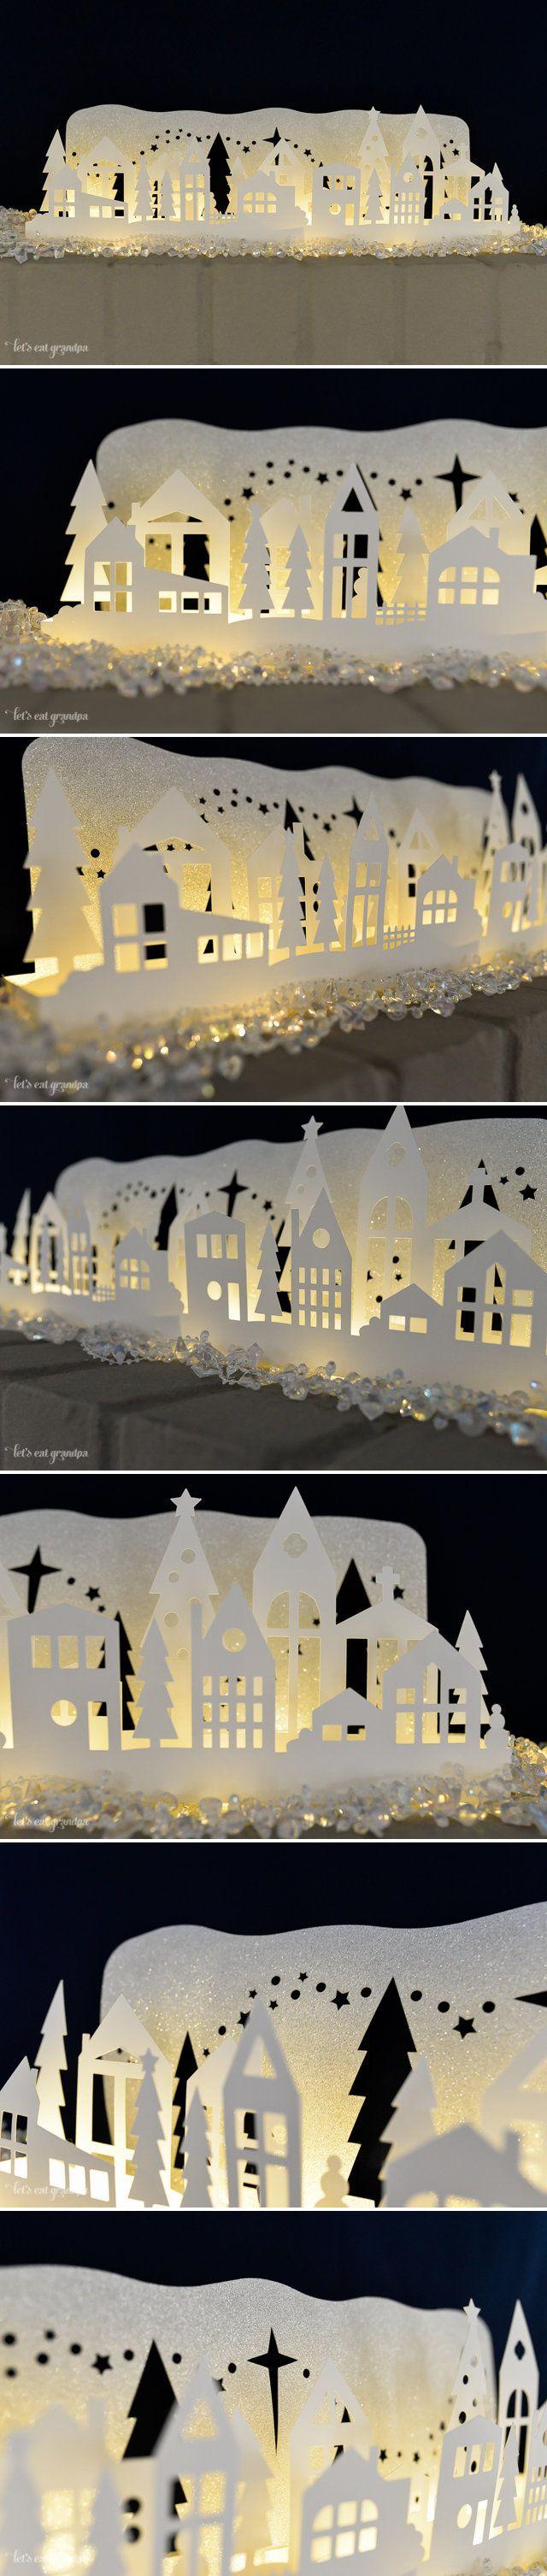 Village de Noël enneigé et illuminé par une mini guirlande électrique. Il mesure 50 cm de long et est constitué de 2 niveaux de papier blanc découpées de maisons, sapins et barrières et d'un fond en vinyle argenté pailleté découpé d'étoiles. Les 3 niveaux de profondeur créent des jeux d'ombres et lumières.